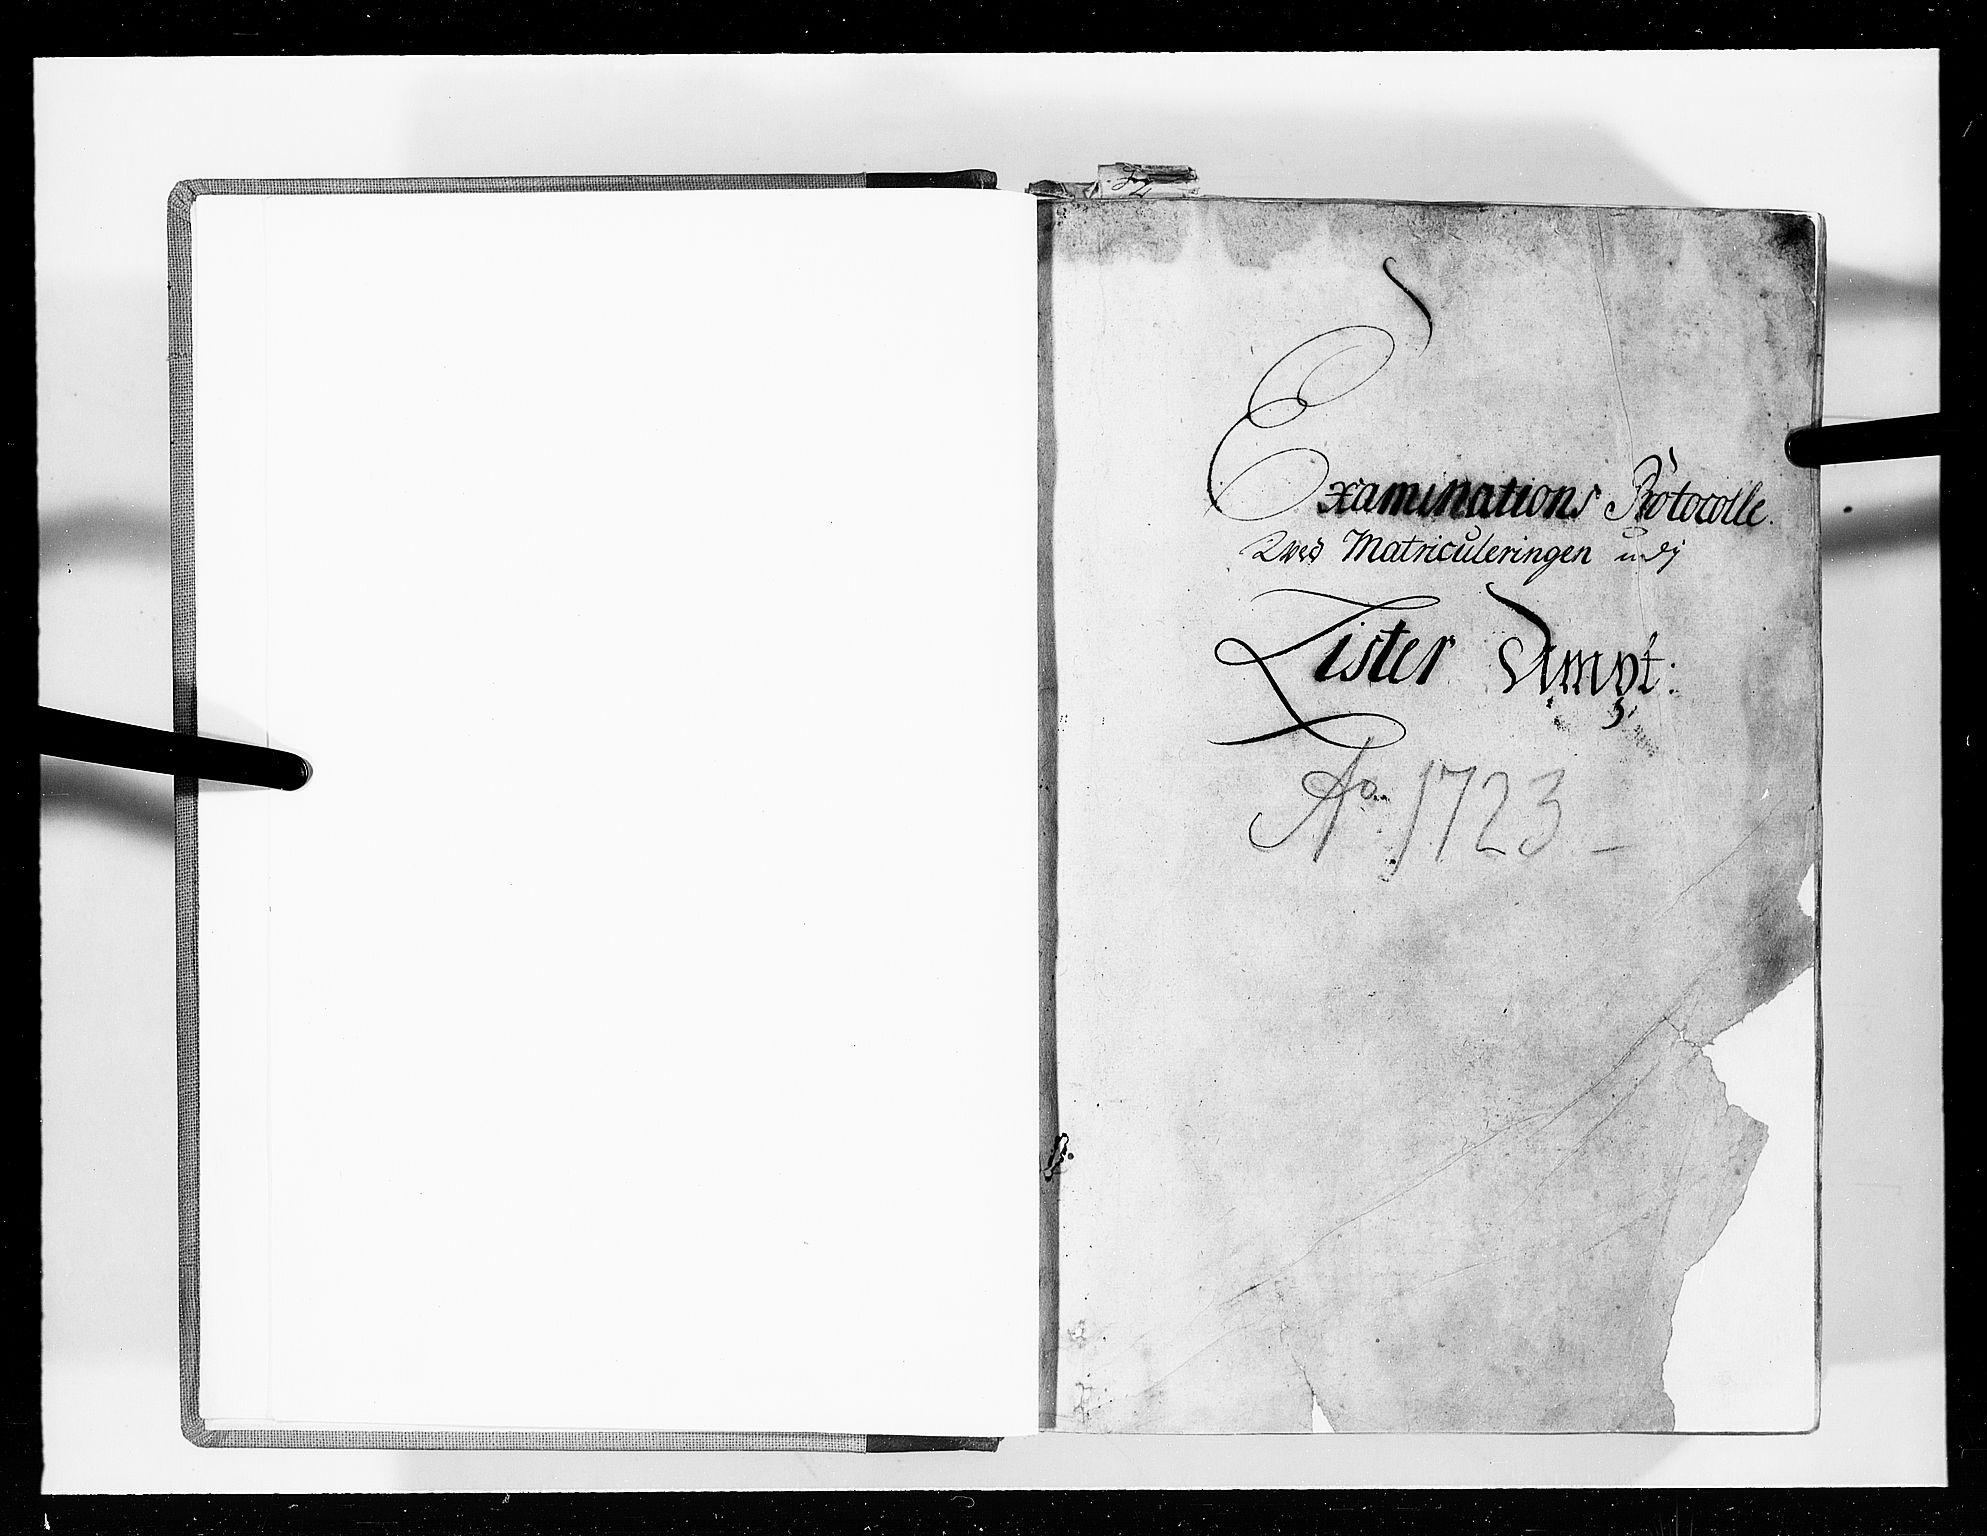 RA, Rentekammeret inntil 1814, Realistisk ordnet avdeling, N/Nb/Nbf/L0129: Lista eksaminasjonsprotokoll, 1723, s. upaginert